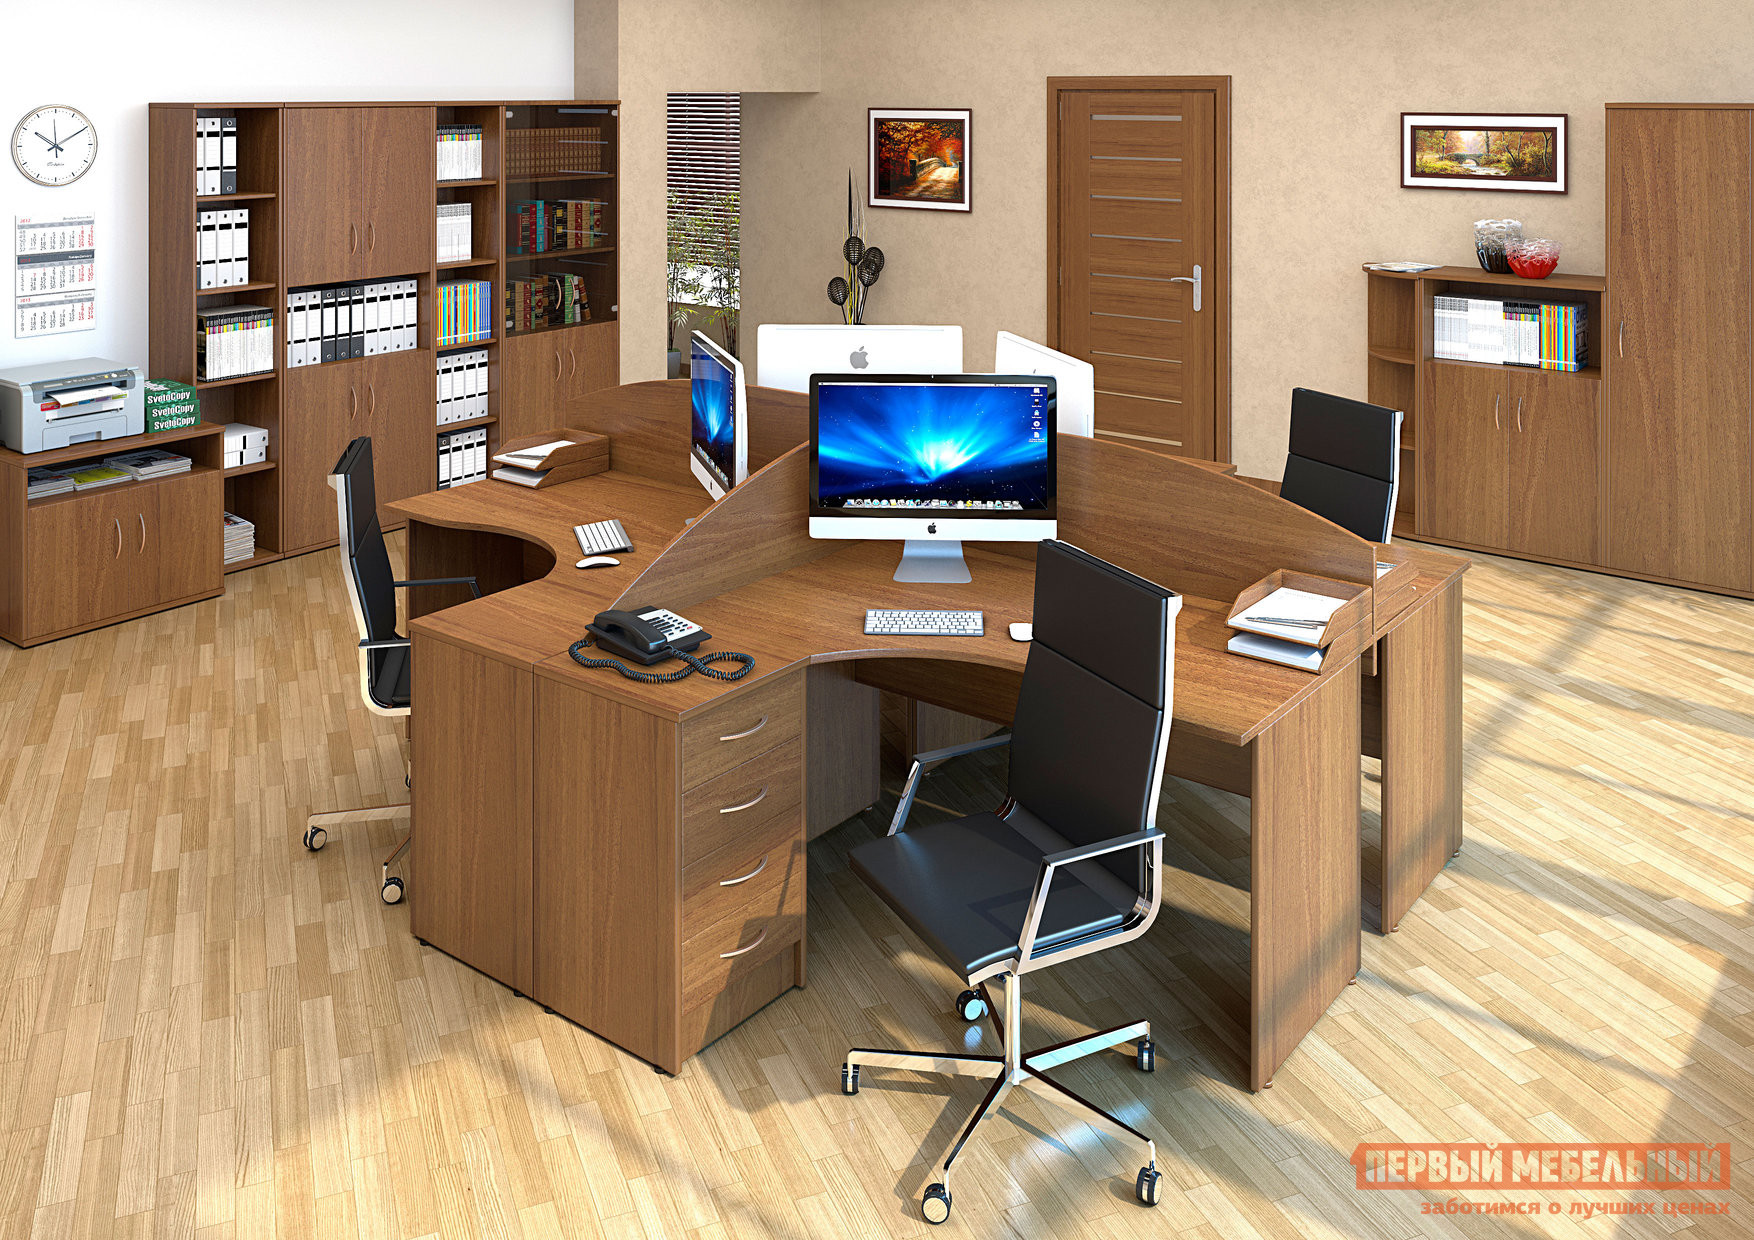 Комплект офисной мебели Riva Рива К3 комплект офисной мебели riva рива клен к1